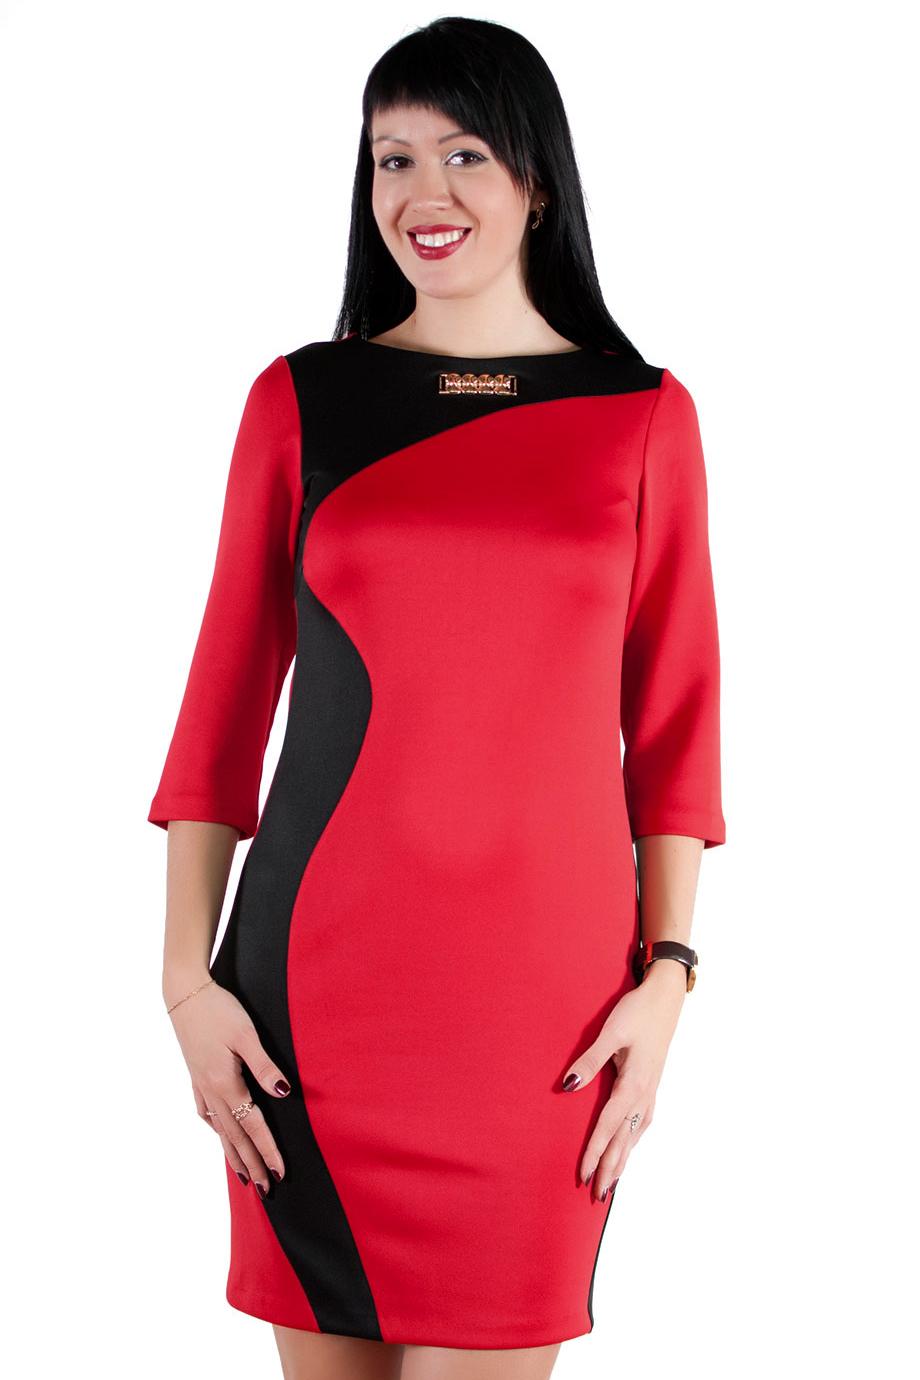 ПлатьеПлатья<br>Классическое платье с асимметричной вставкой контрастного цвета. Округлый вырез горловины дополнен стильным украшением. Рукав 3/4.  Цвет: красный, черный   Длина в размерах 46,48,50 составляет 90см. В размерах 52,54,56 - длина по спинке 102 см.   Рост девушки-фотомодели 174 см.<br><br>Горловина: С- горловина<br>По длине: До колена<br>По материалу: Вискоза,Трикотаж<br>По образу: Город,Свидание<br>По рисунку: Цветные<br>По силуэту: Полуприталенные<br>По стилю: Повседневный стиль<br>По форме: Платье - футляр<br>По элементам: С декором,С отделочной фурнитурой<br>Рукав: Рукав три четверти<br>По сезону: Весна,Осень<br>Размер : 46,48,50,52,54,56<br>Материал: Джерси<br>Количество в наличии: 1